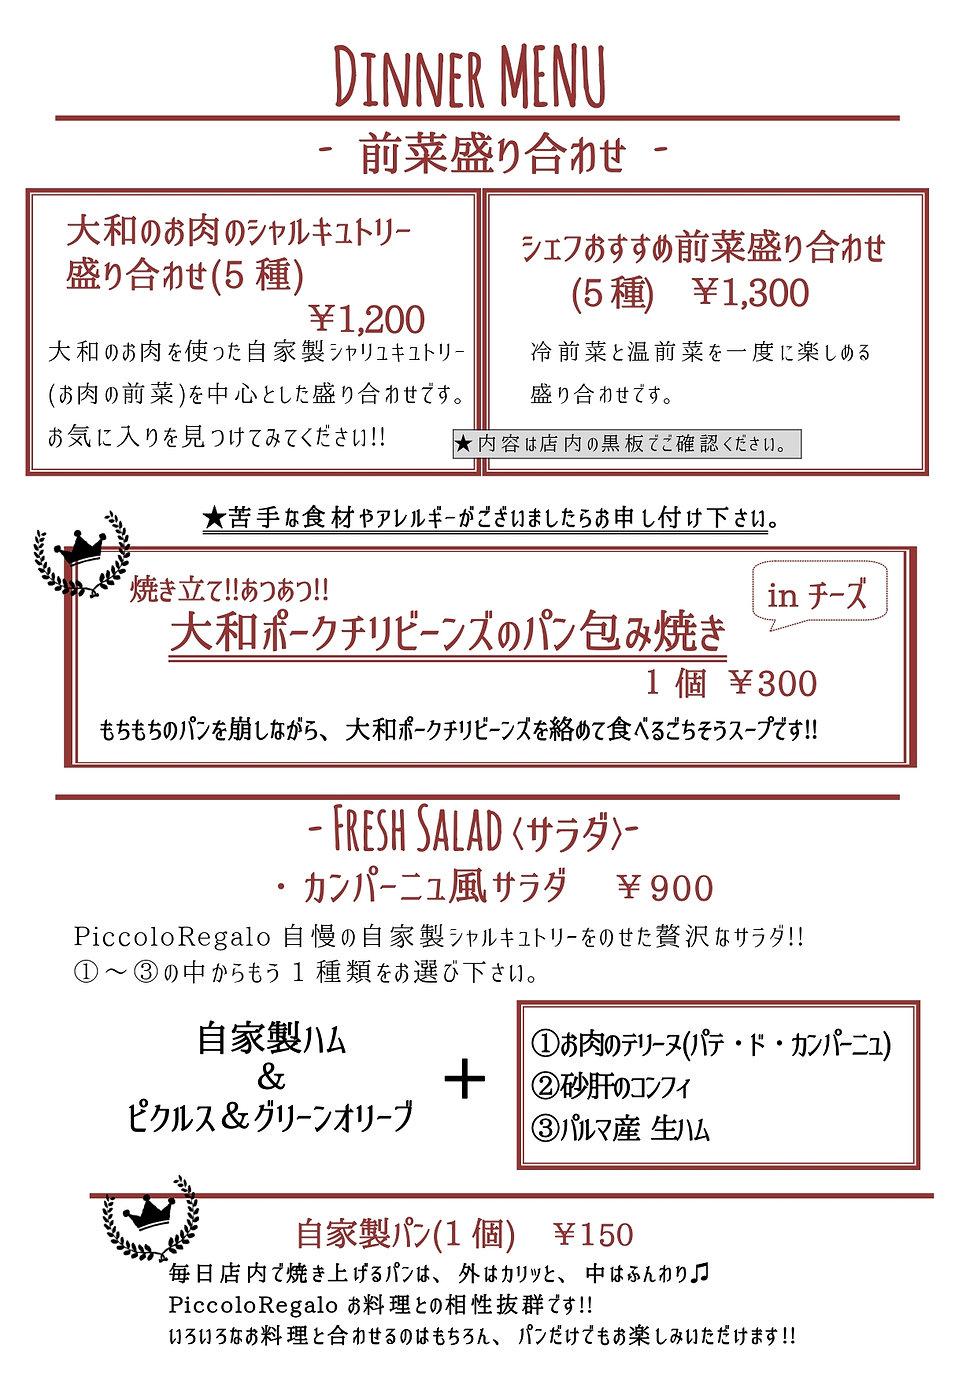 9.02ディナーメニュー1 - 変更 ★b - コピー - コピー_page-0